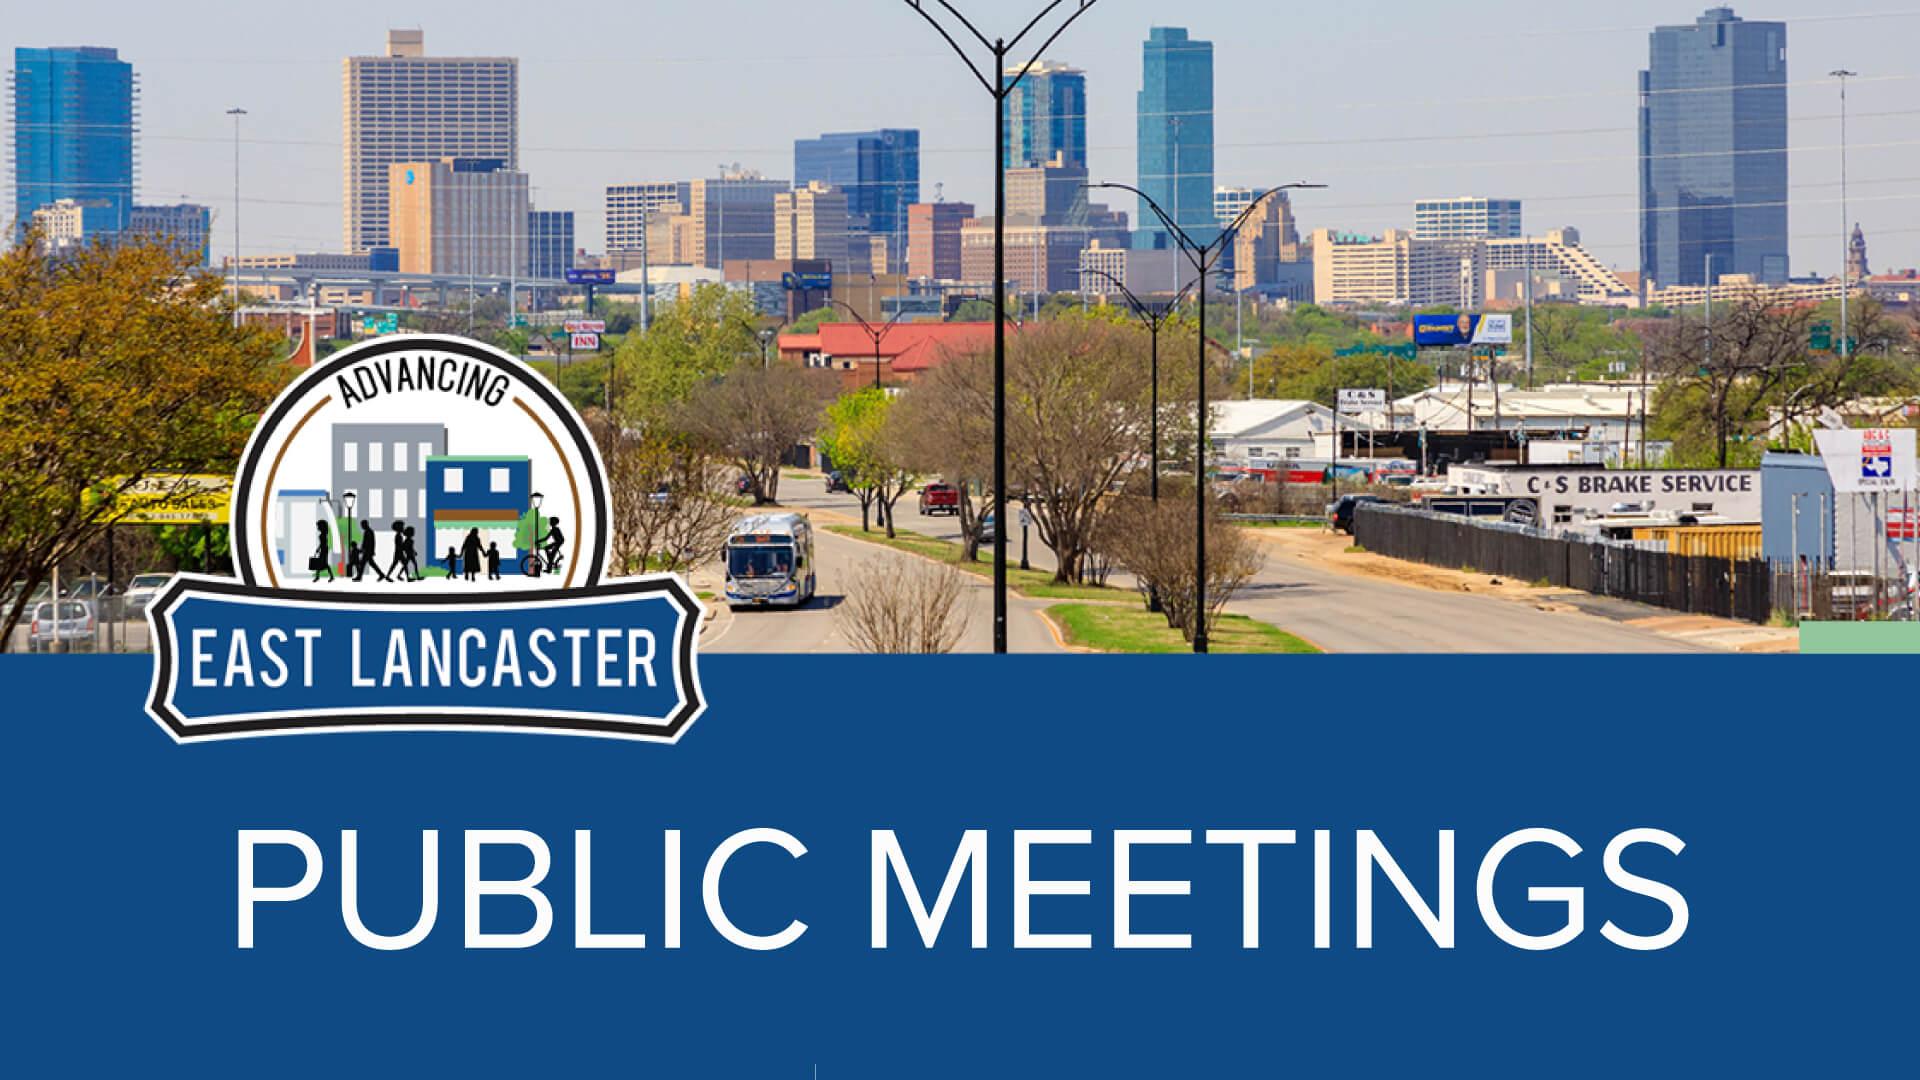 East Lancaster Public Meetings announcement